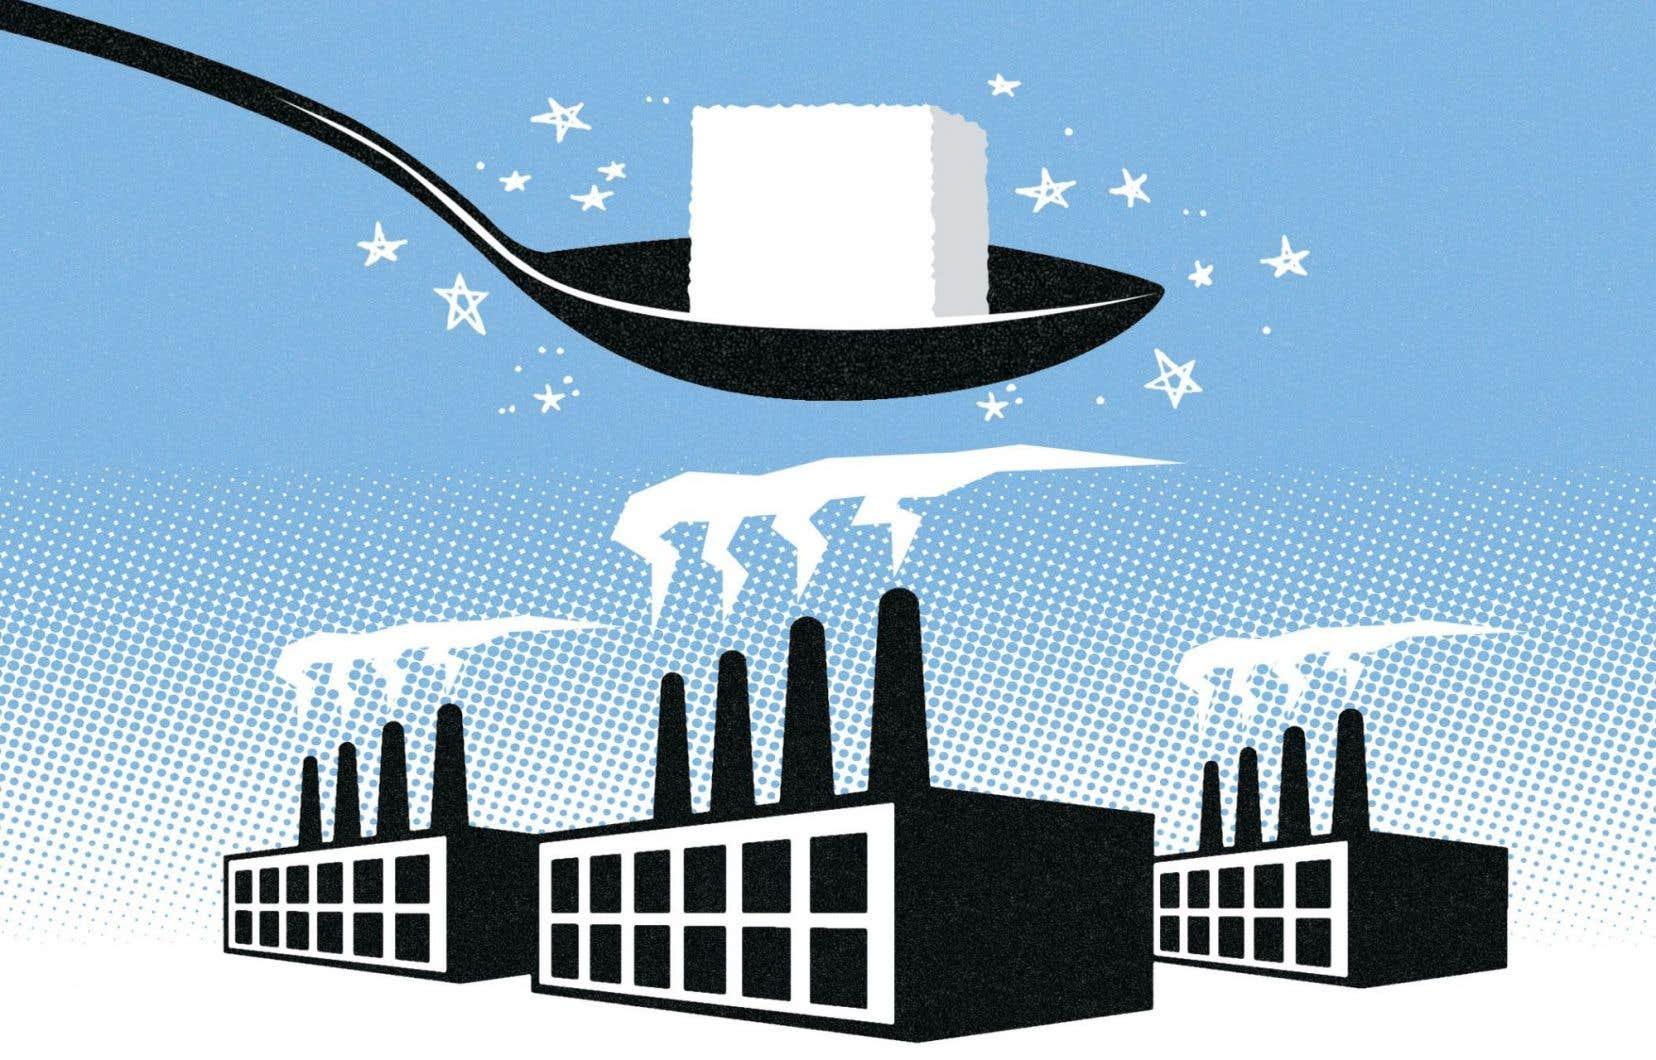 Un dessin original du documentaire «La vérité sur le sucre» montrant la toute-puissance de l'industrie du sucre.